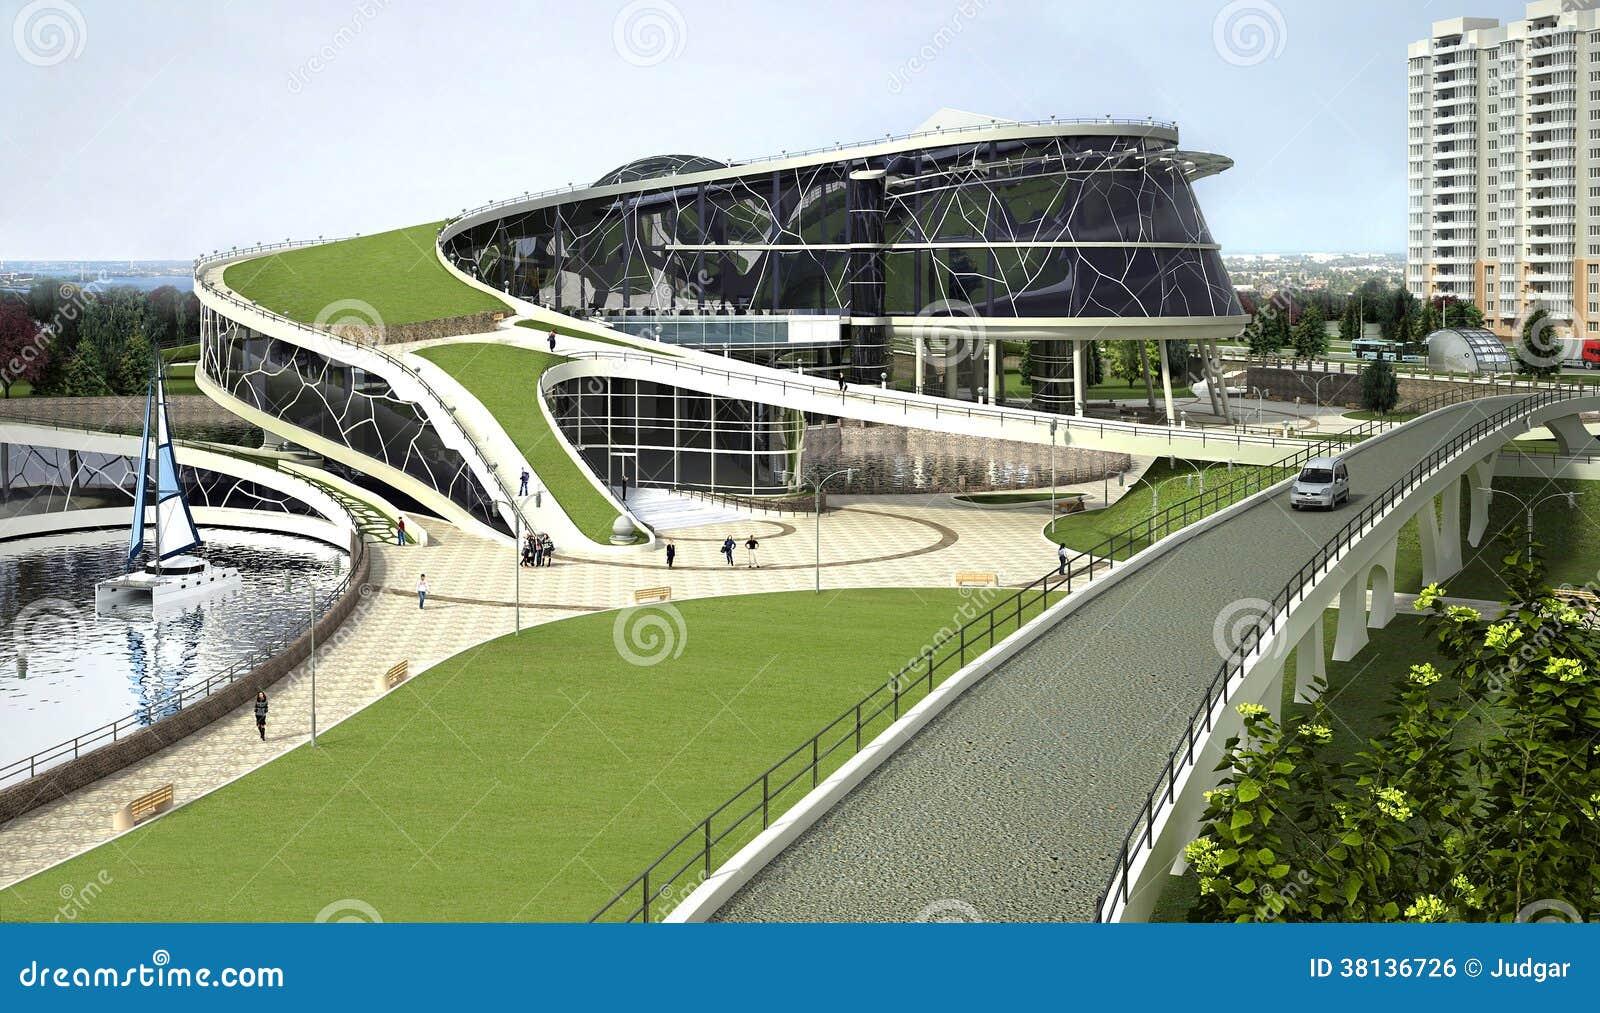 Visualisation 3D du bâtiment d eco avec la forme bionique et les technologies de rendement optimum.